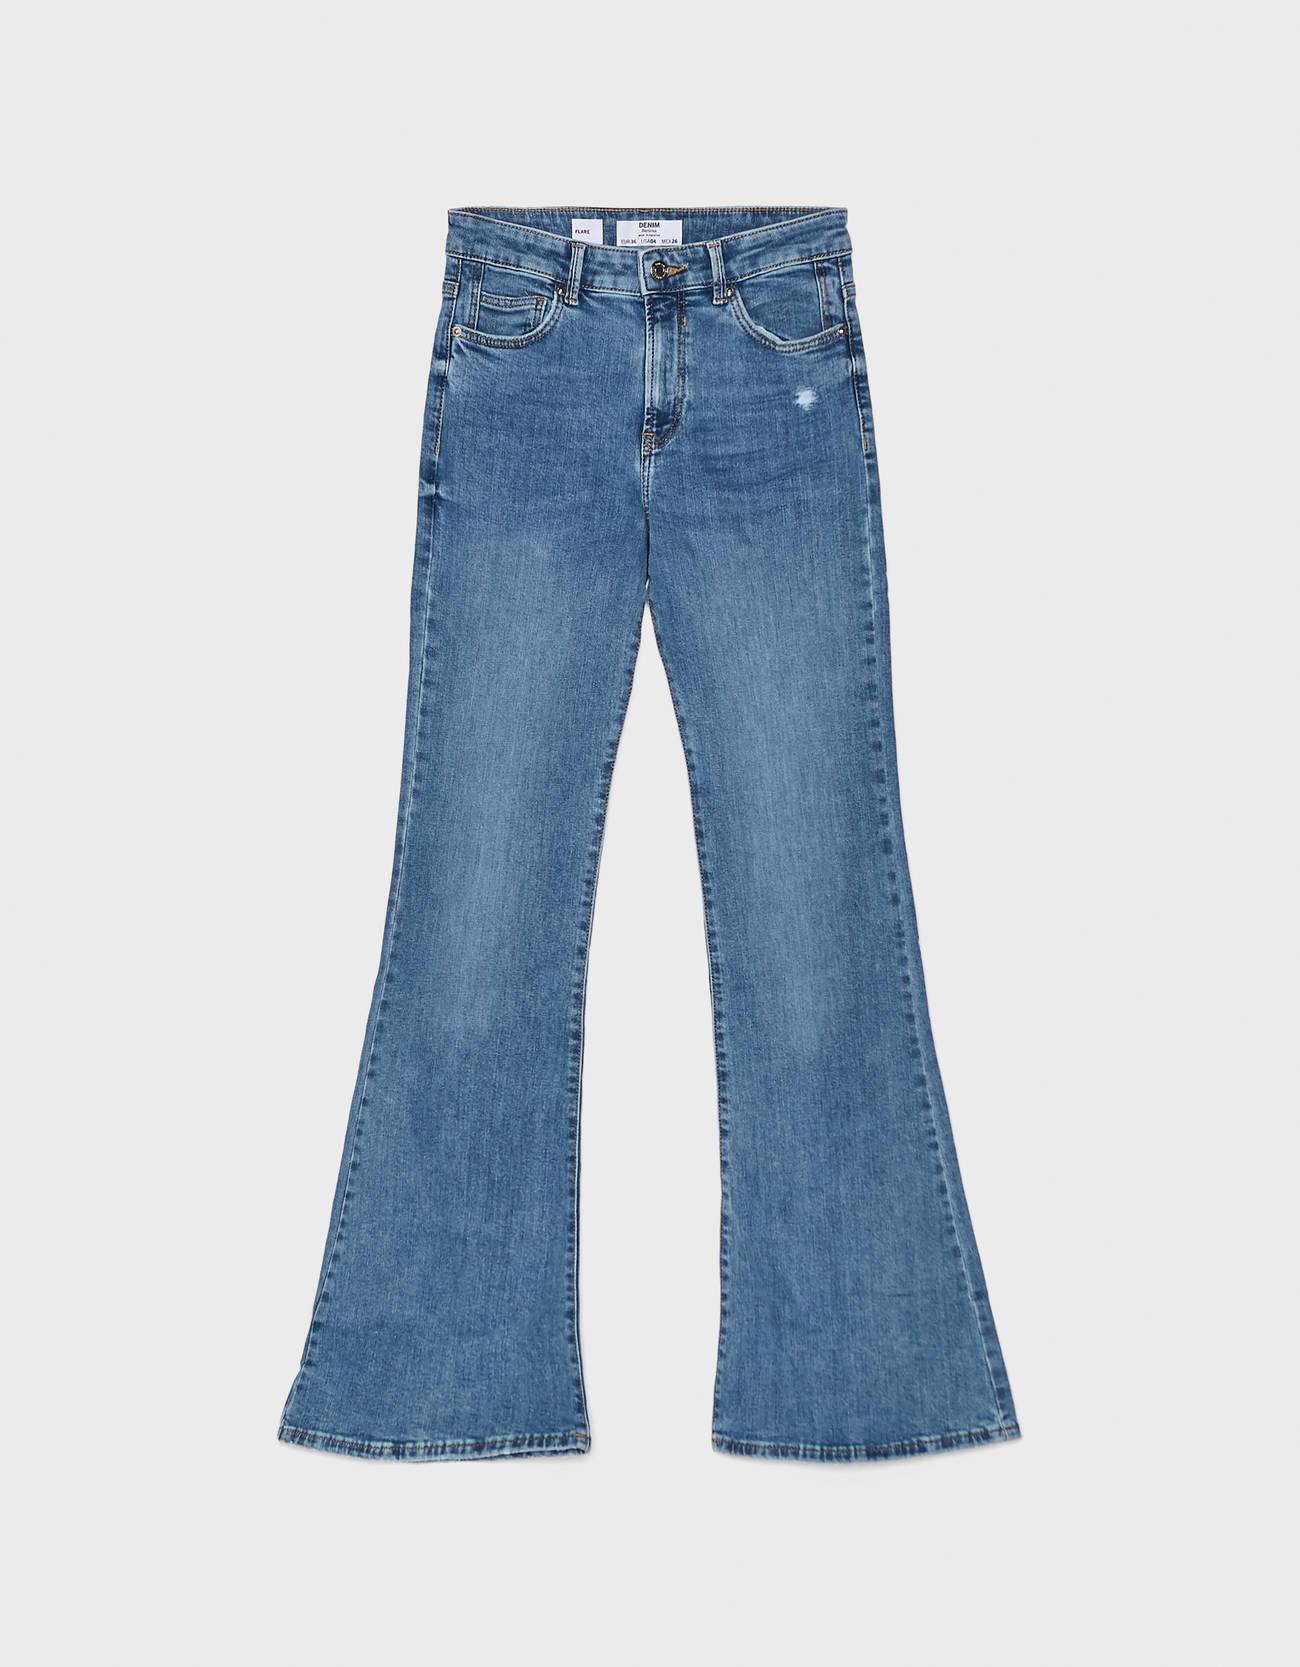 Расклешенные джинсы Синий застиранный Bershka